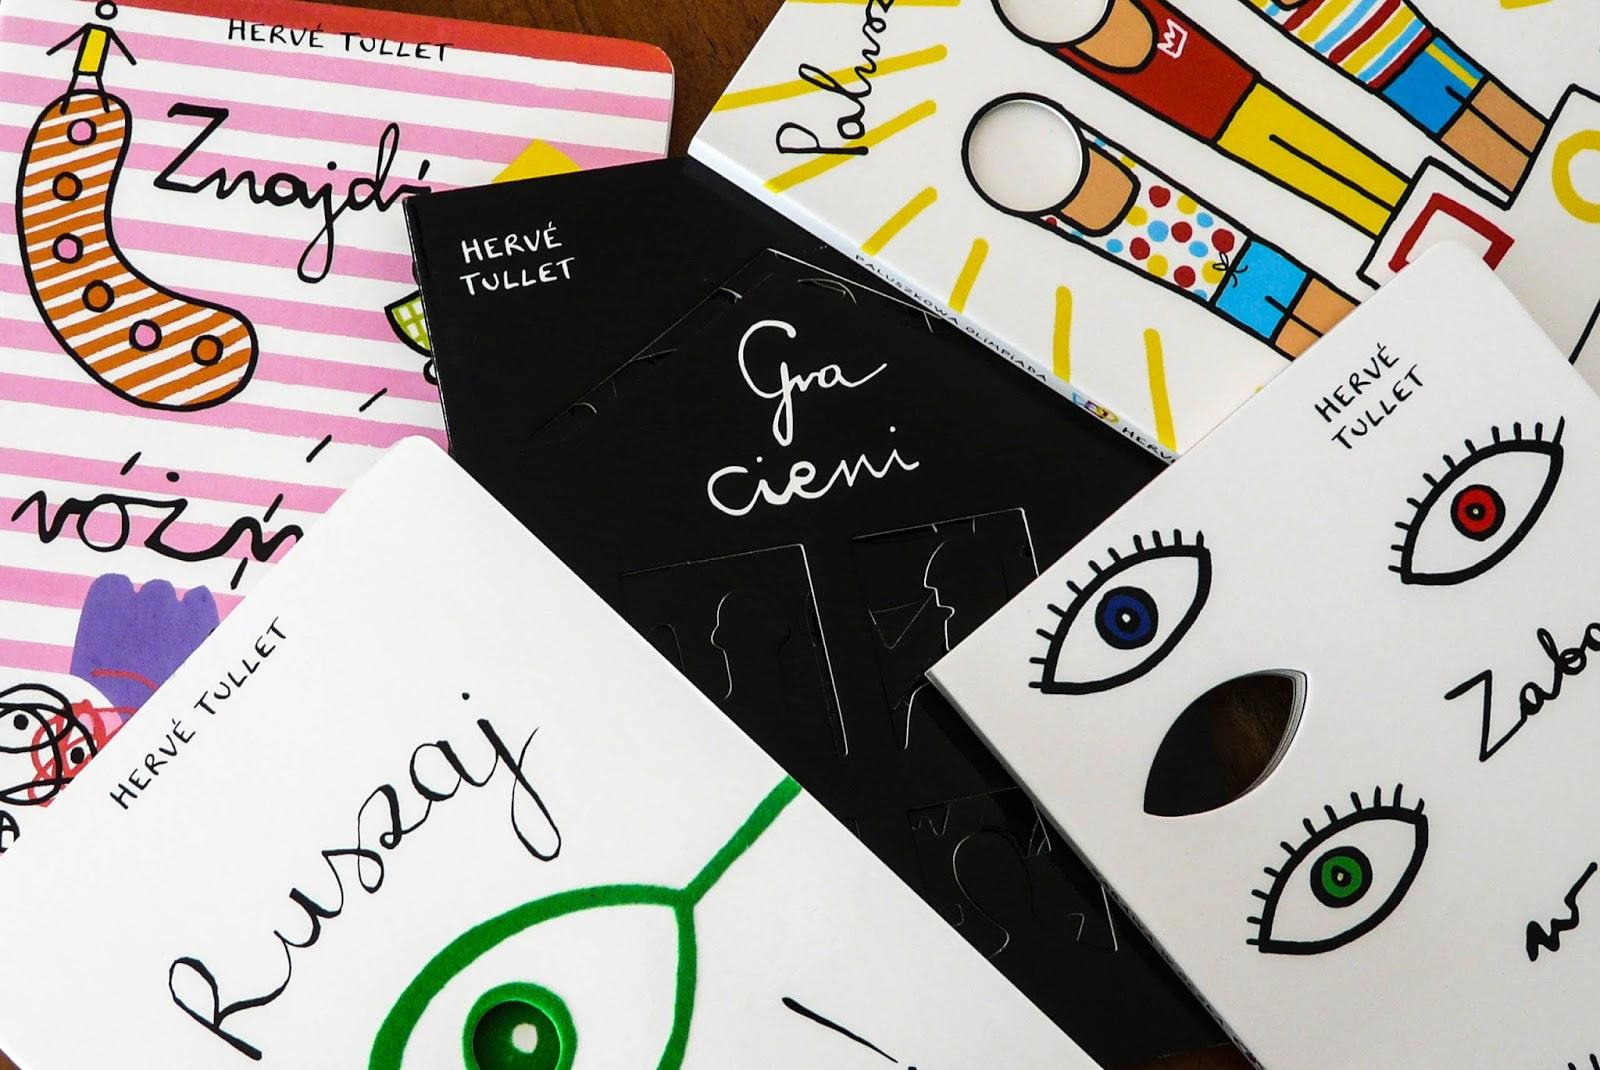 Herve Tullet, książki dla dzieci, książki dla dwulatka, książki dla trzylatka, książki interaktywne